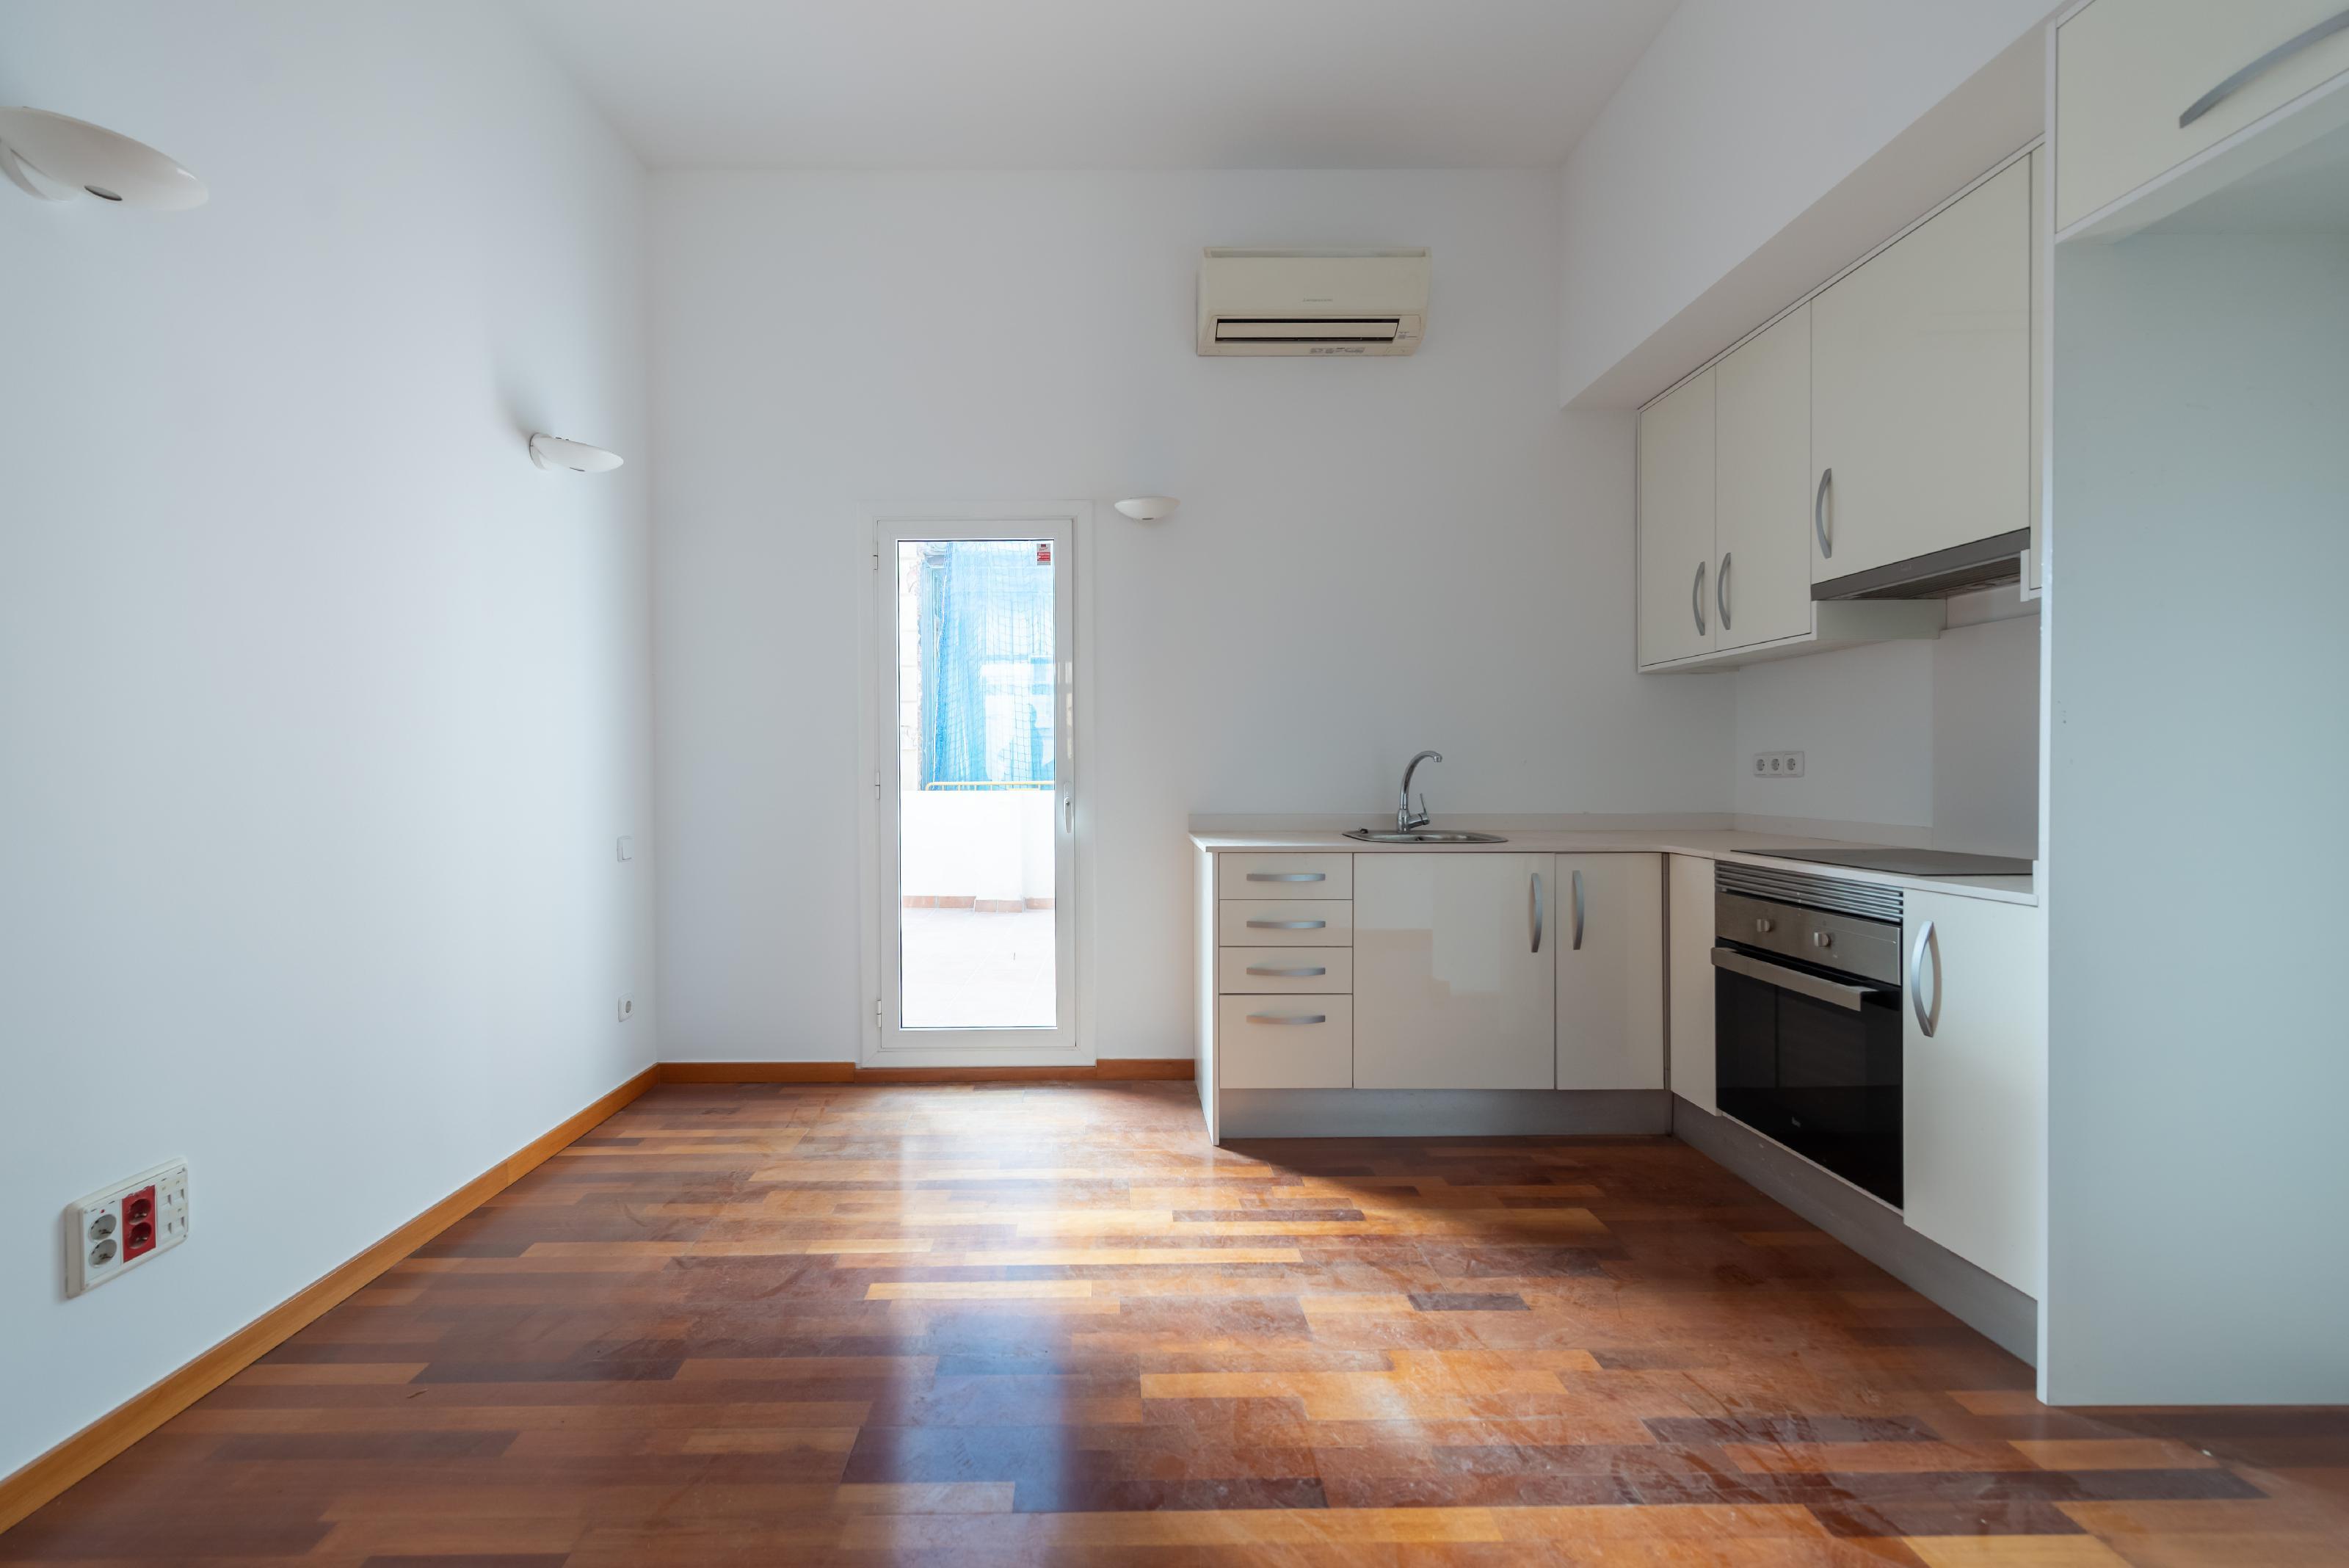 246065 Flat for sale in Sarrià-Sant Gervasi, Sarrià 6